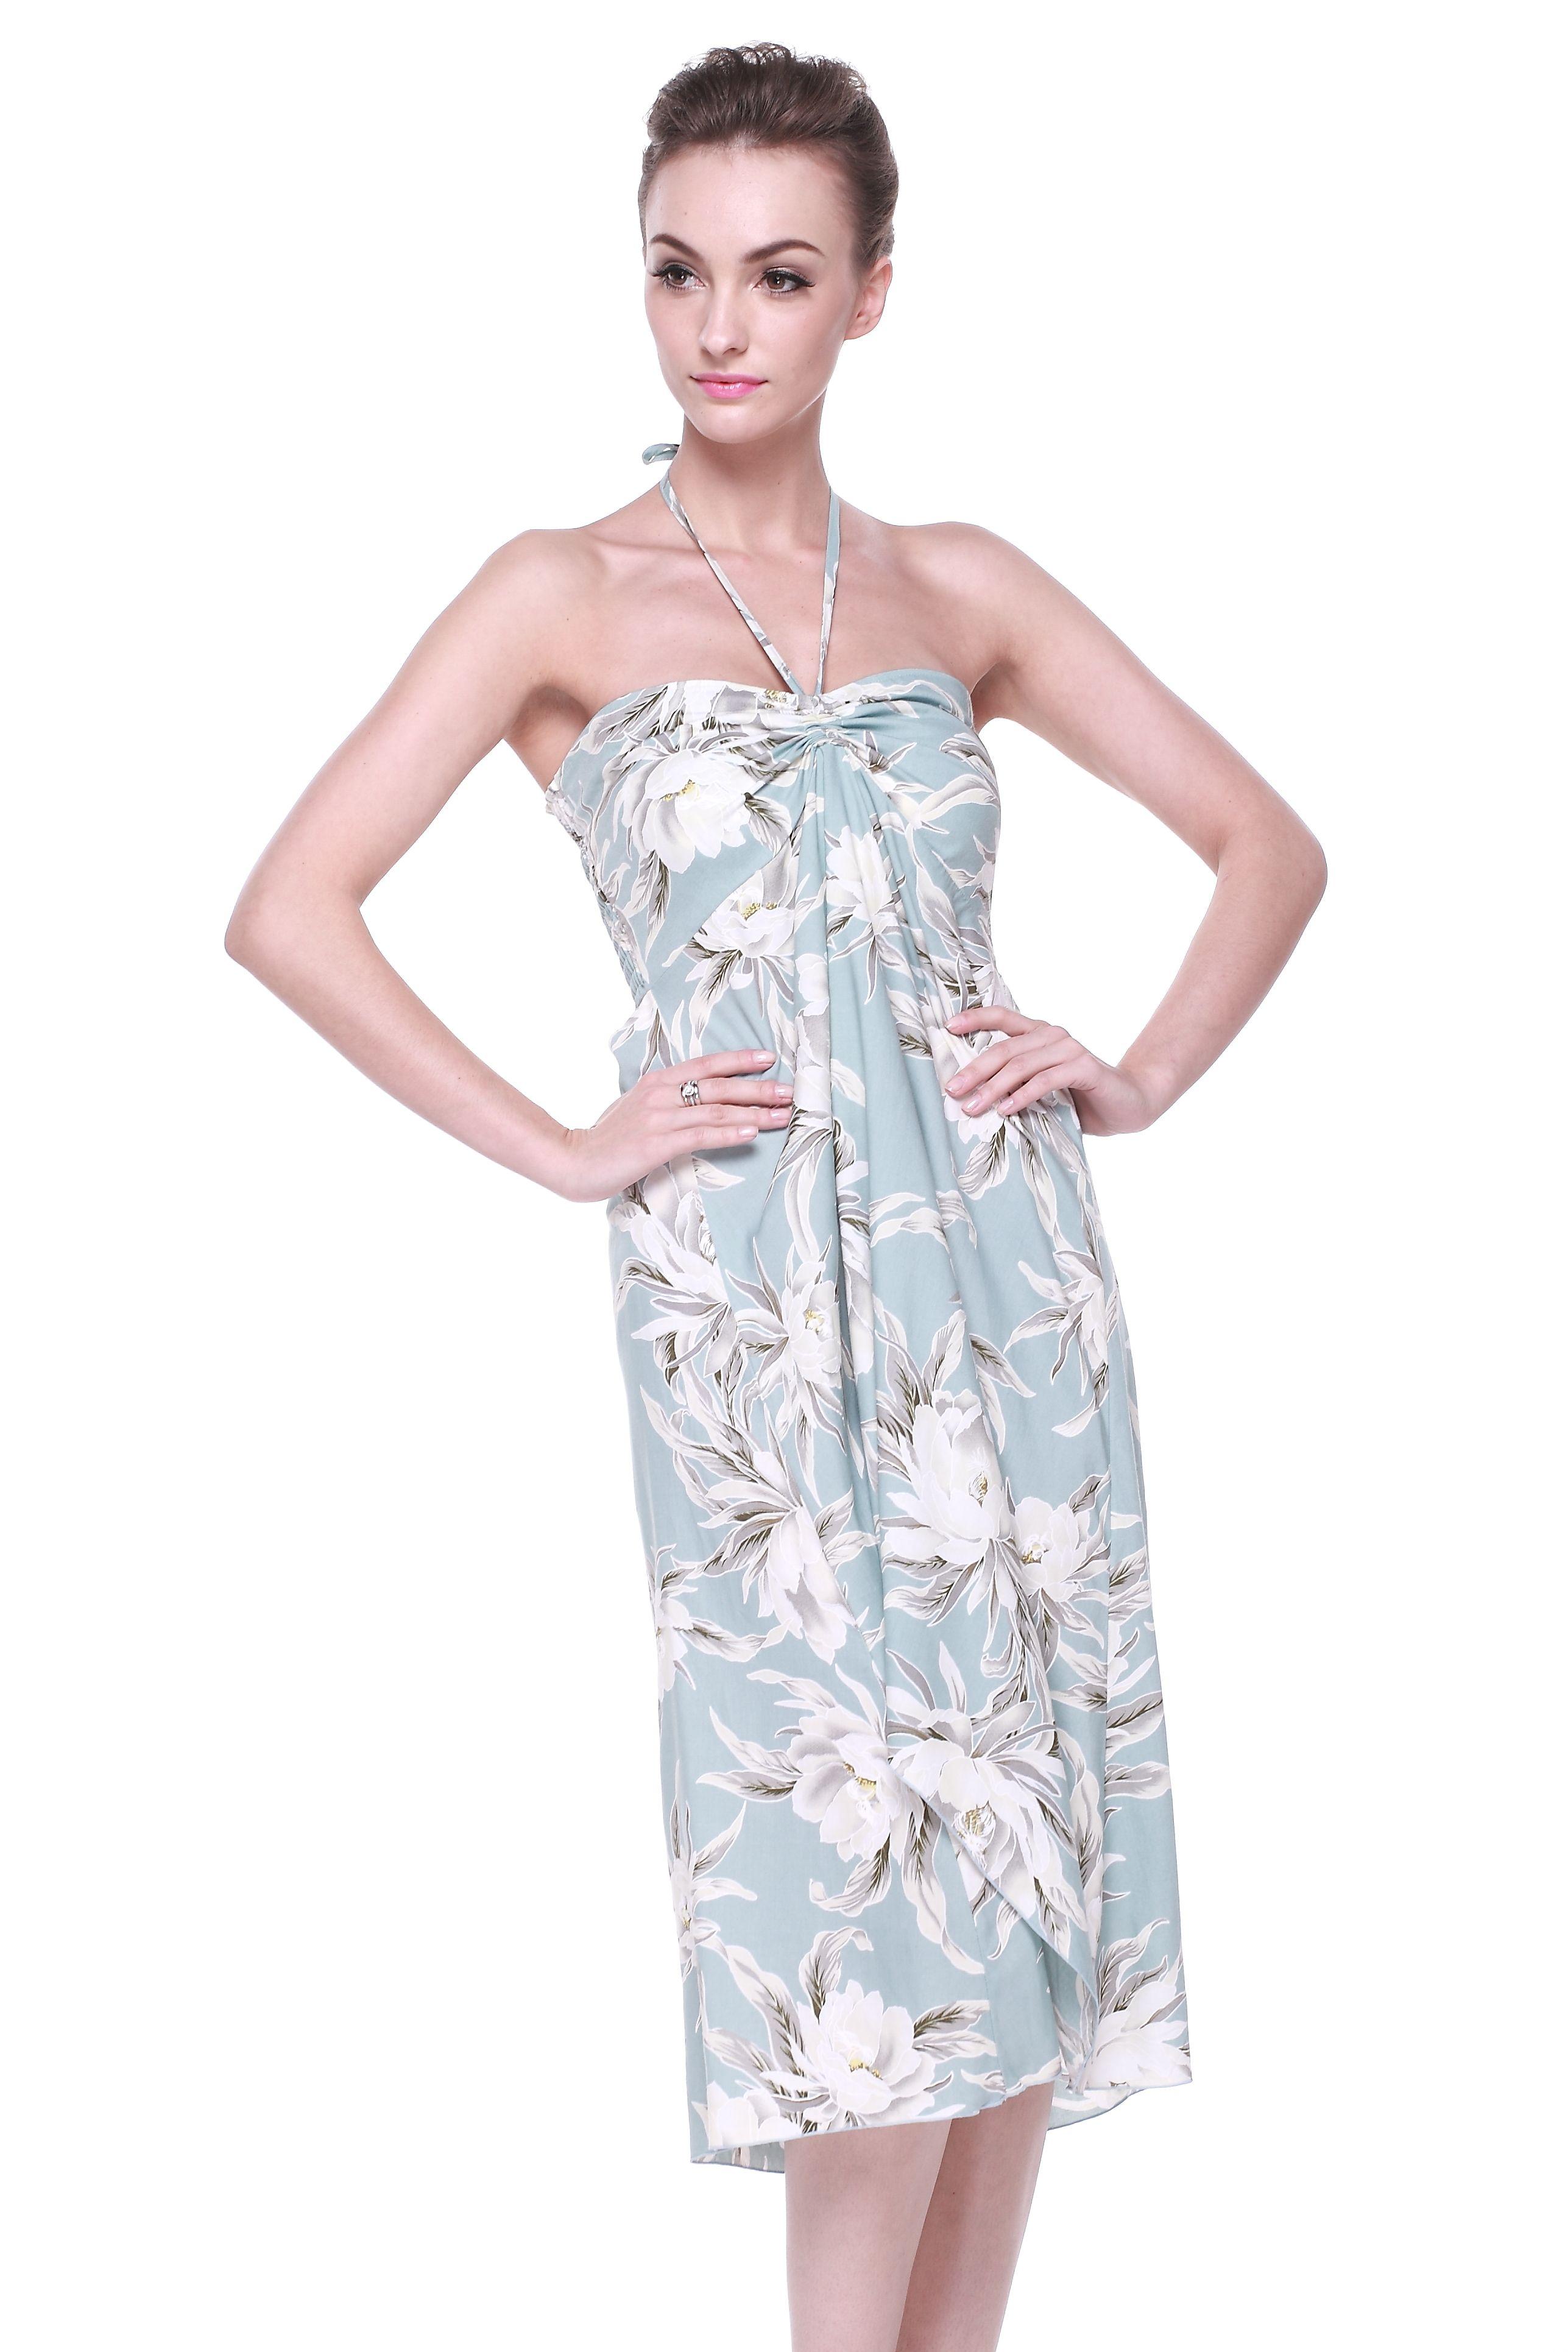 Butterfly Hawaiian Dress in Waterlily Sky Blue